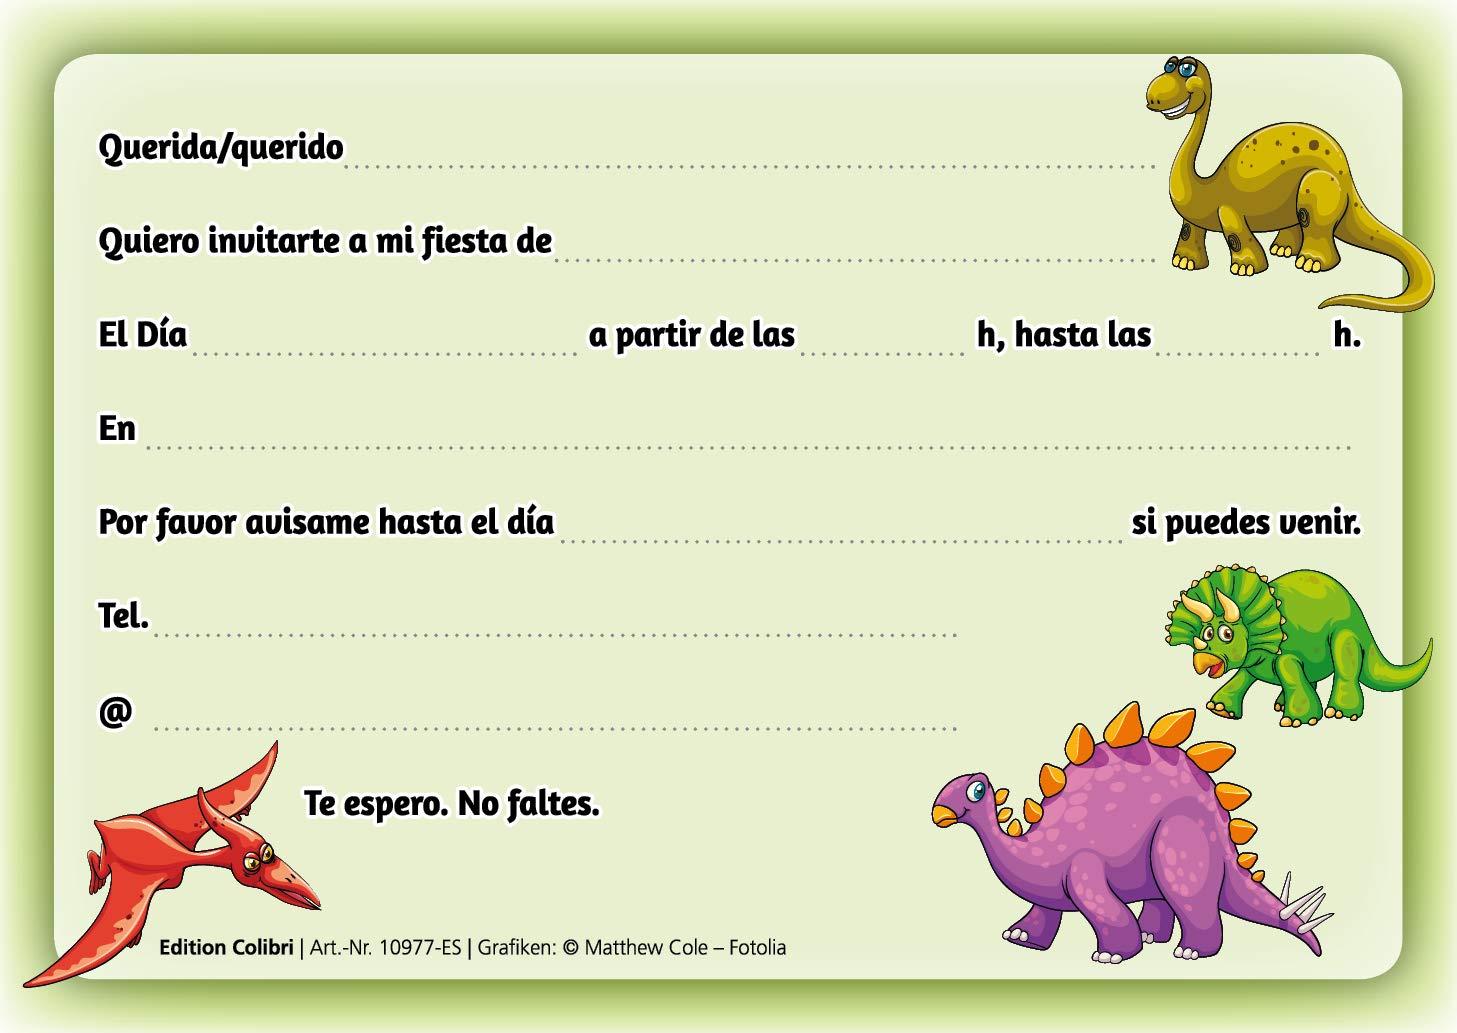 Edition Colibri 10 Invitaciones En Español Dinosaurio Juego De 10 Invitaciones Para El Cumpleaños Infantil Fiesta 10977 Es